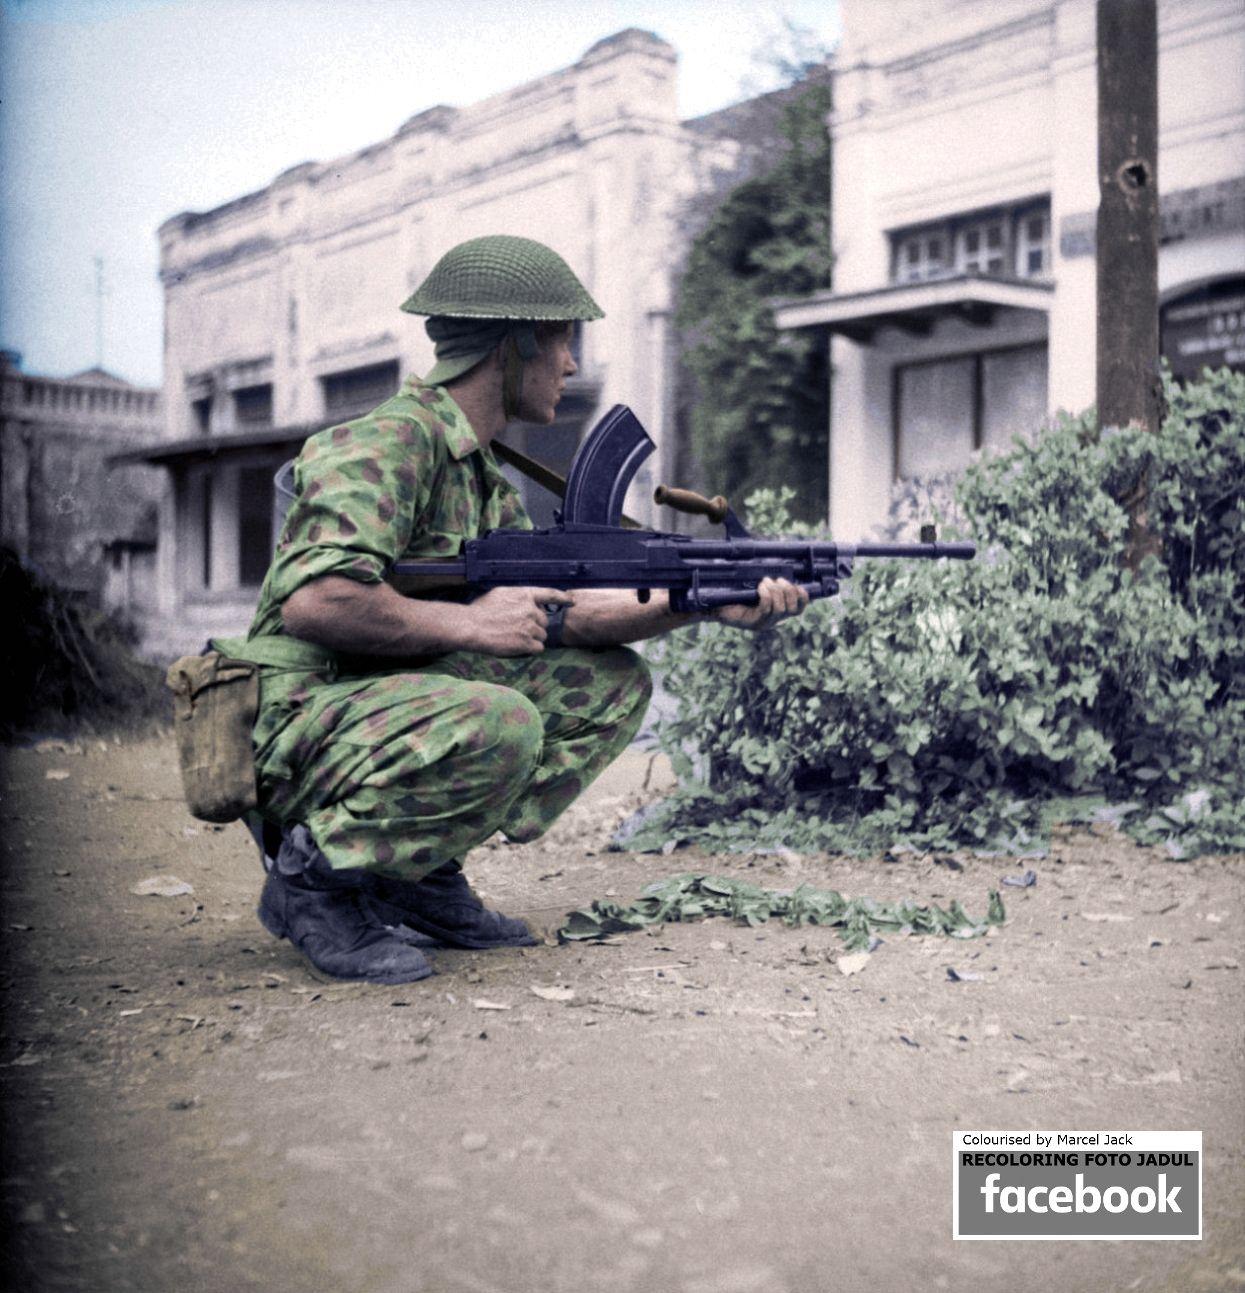 {title} (Dengan gambar) Foto langka, Indonesia, Revolusi